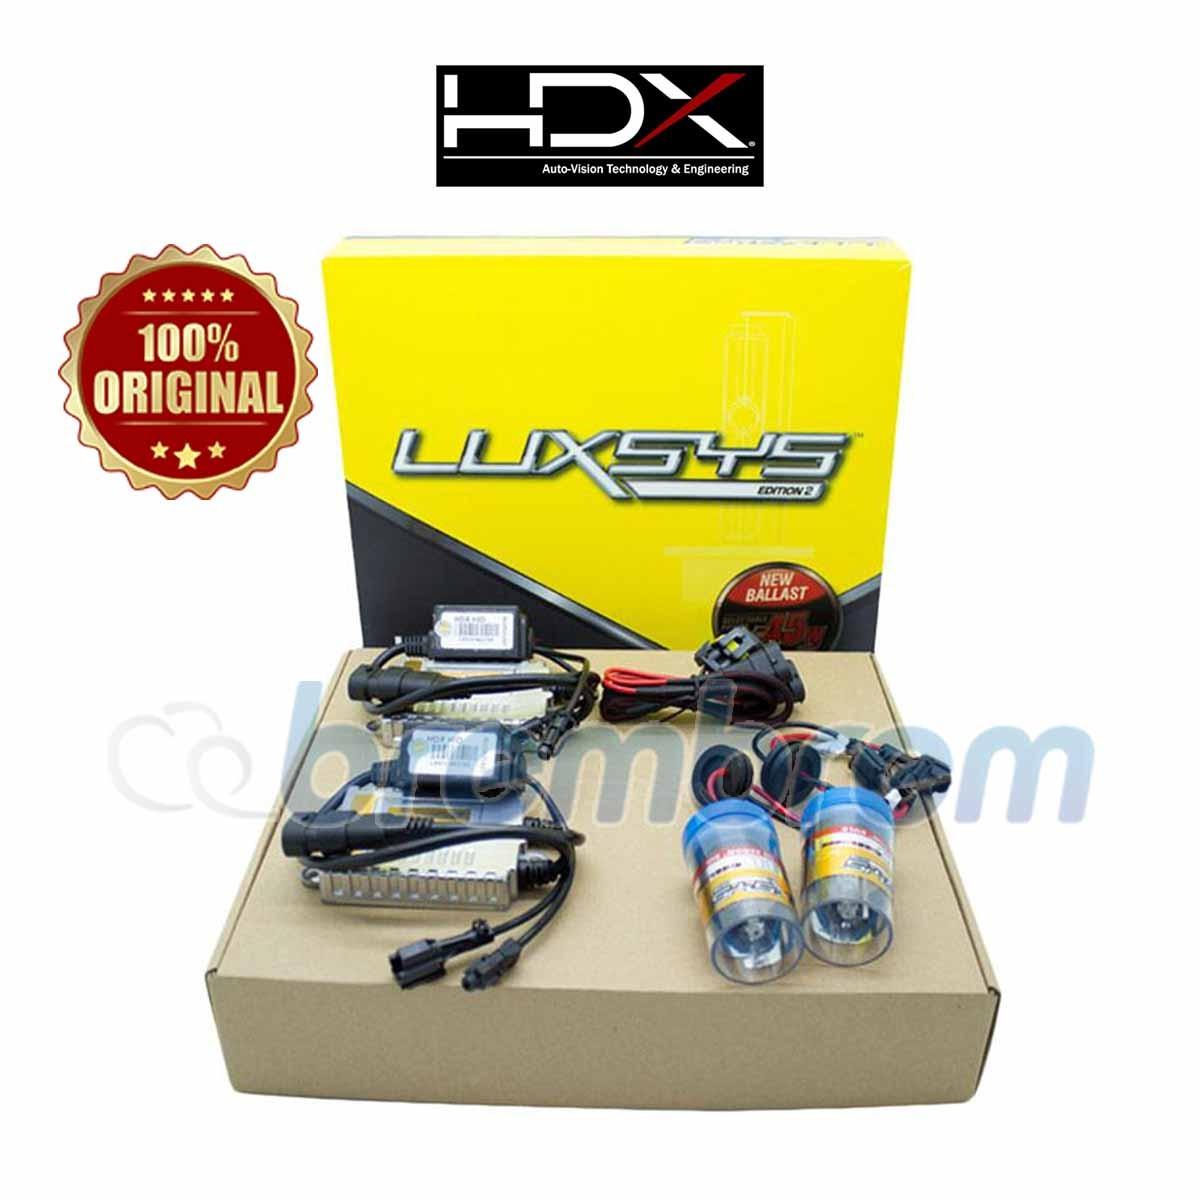 HDX LUXSYS HB4 Hi LOW 6000K - LAMPU HID MOBIL